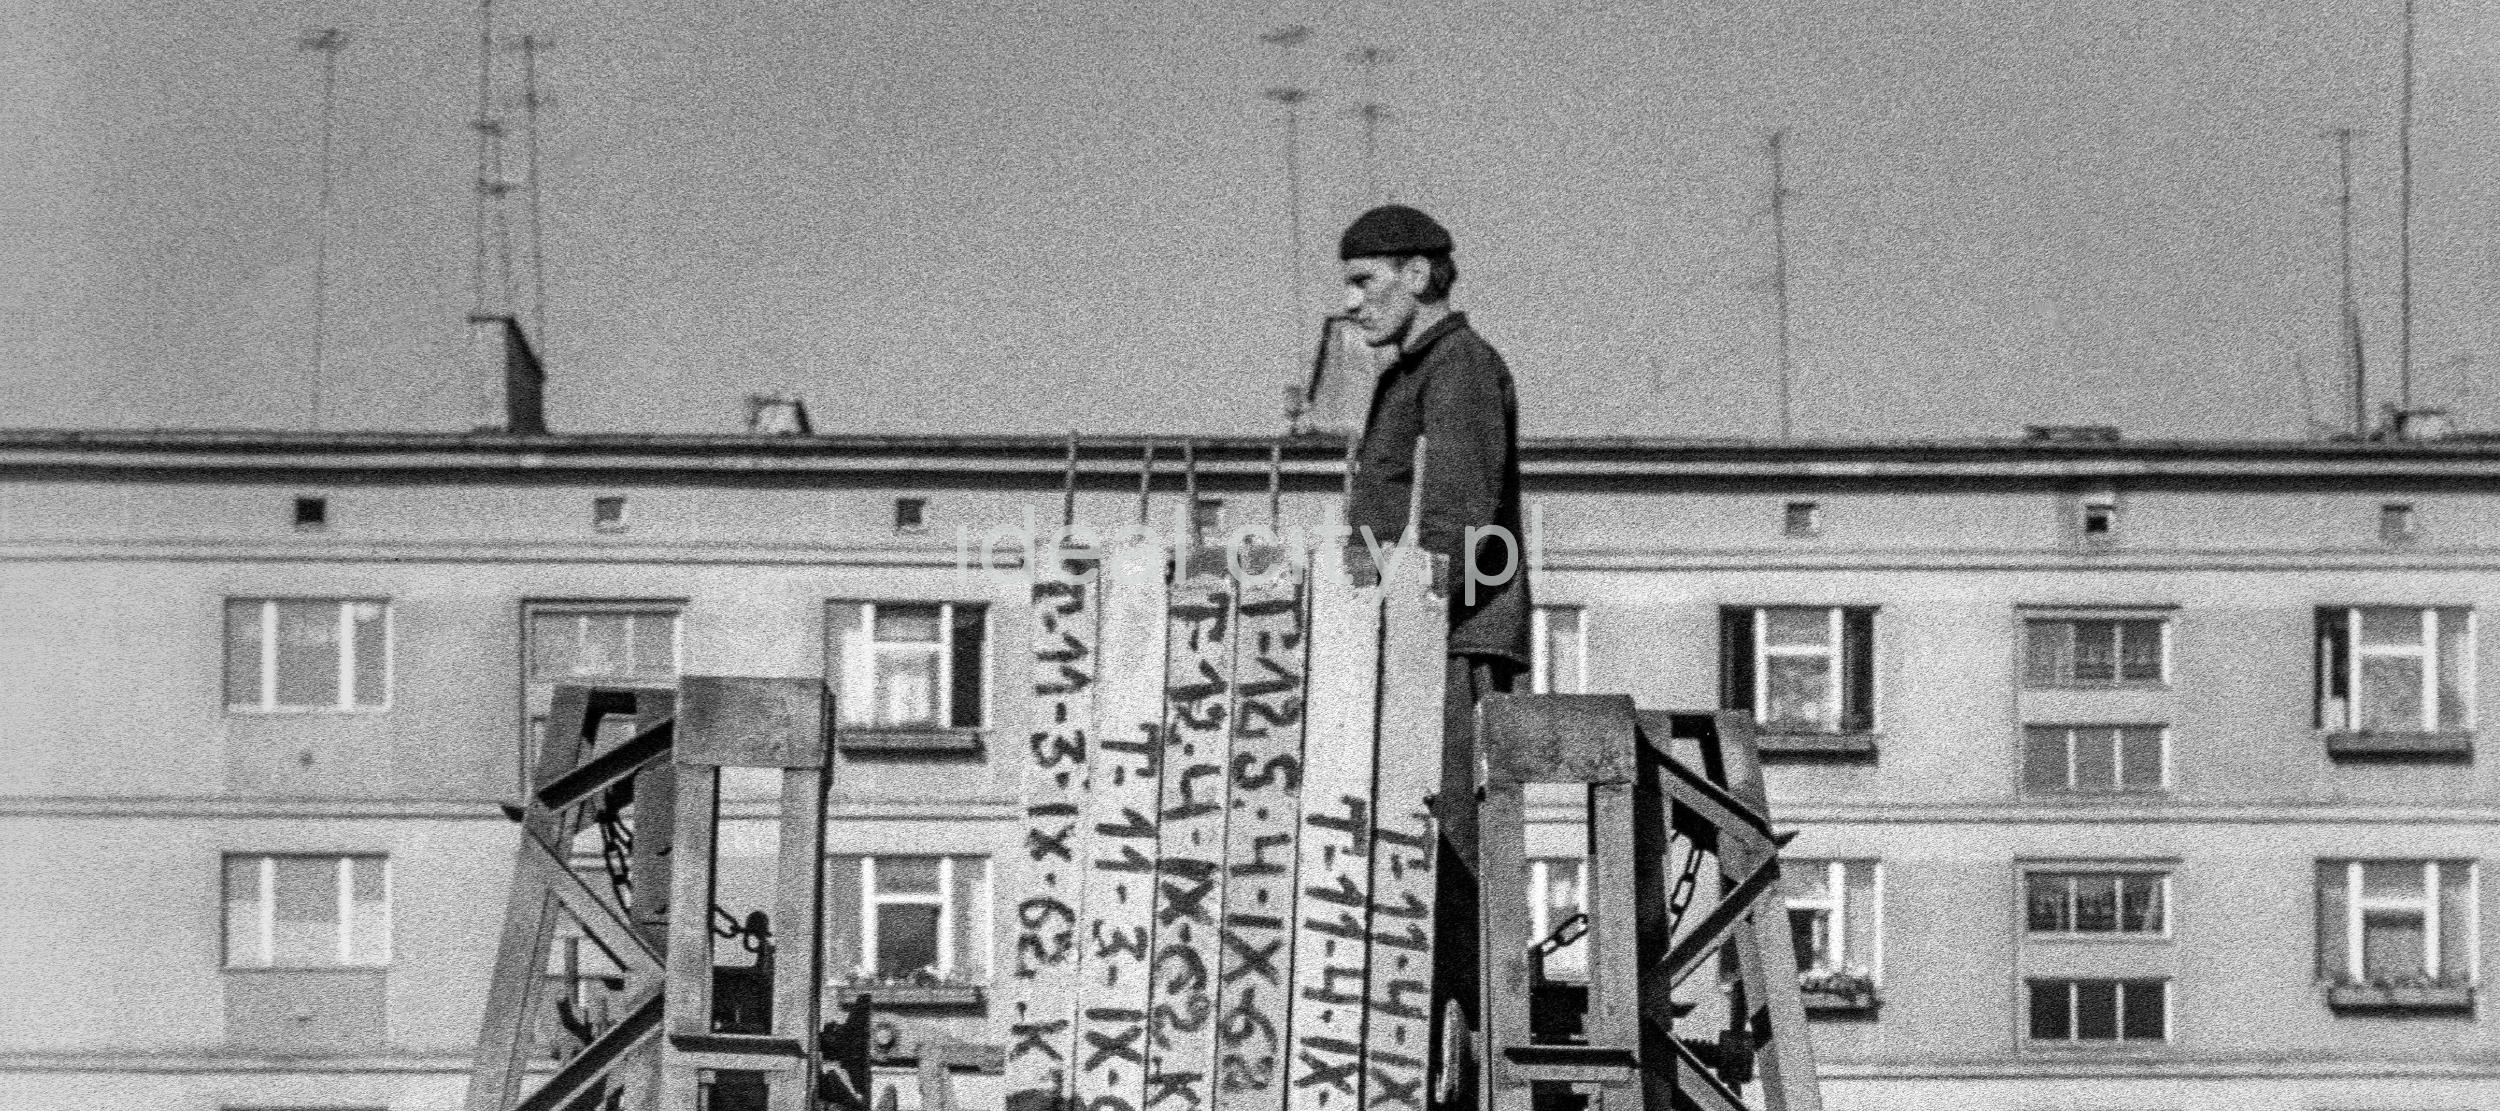 Mężczyzna w stroju roboczym dominuje nad ustawionymi pionowo betonowymi płytami. Na drugim planie blok mieszkalny.